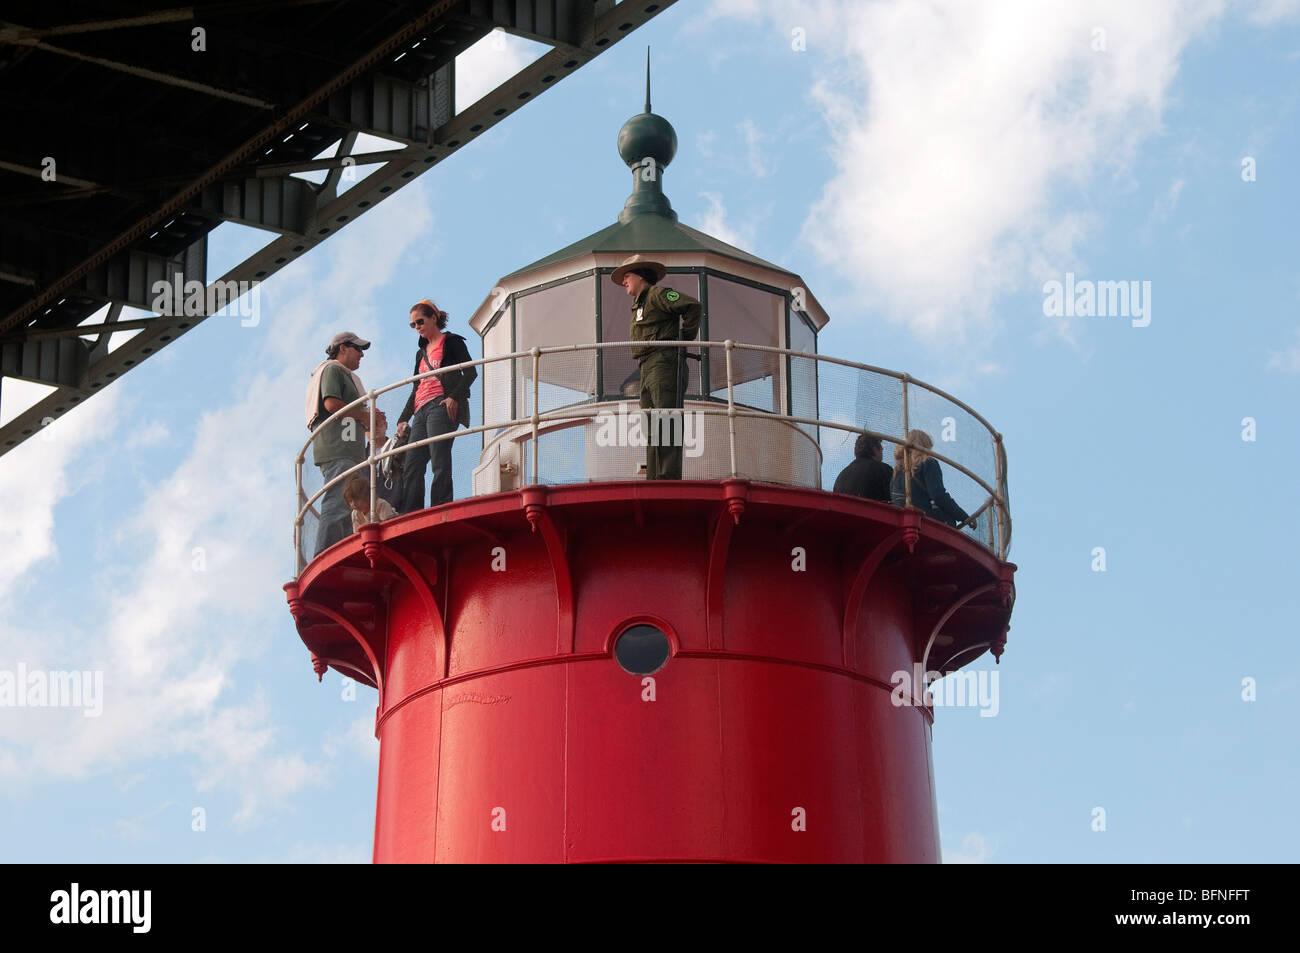 Besucher mit einem Ranger des Parks an der Spitze der kleinen roten Leuchtturm während Open House New York Stockbild